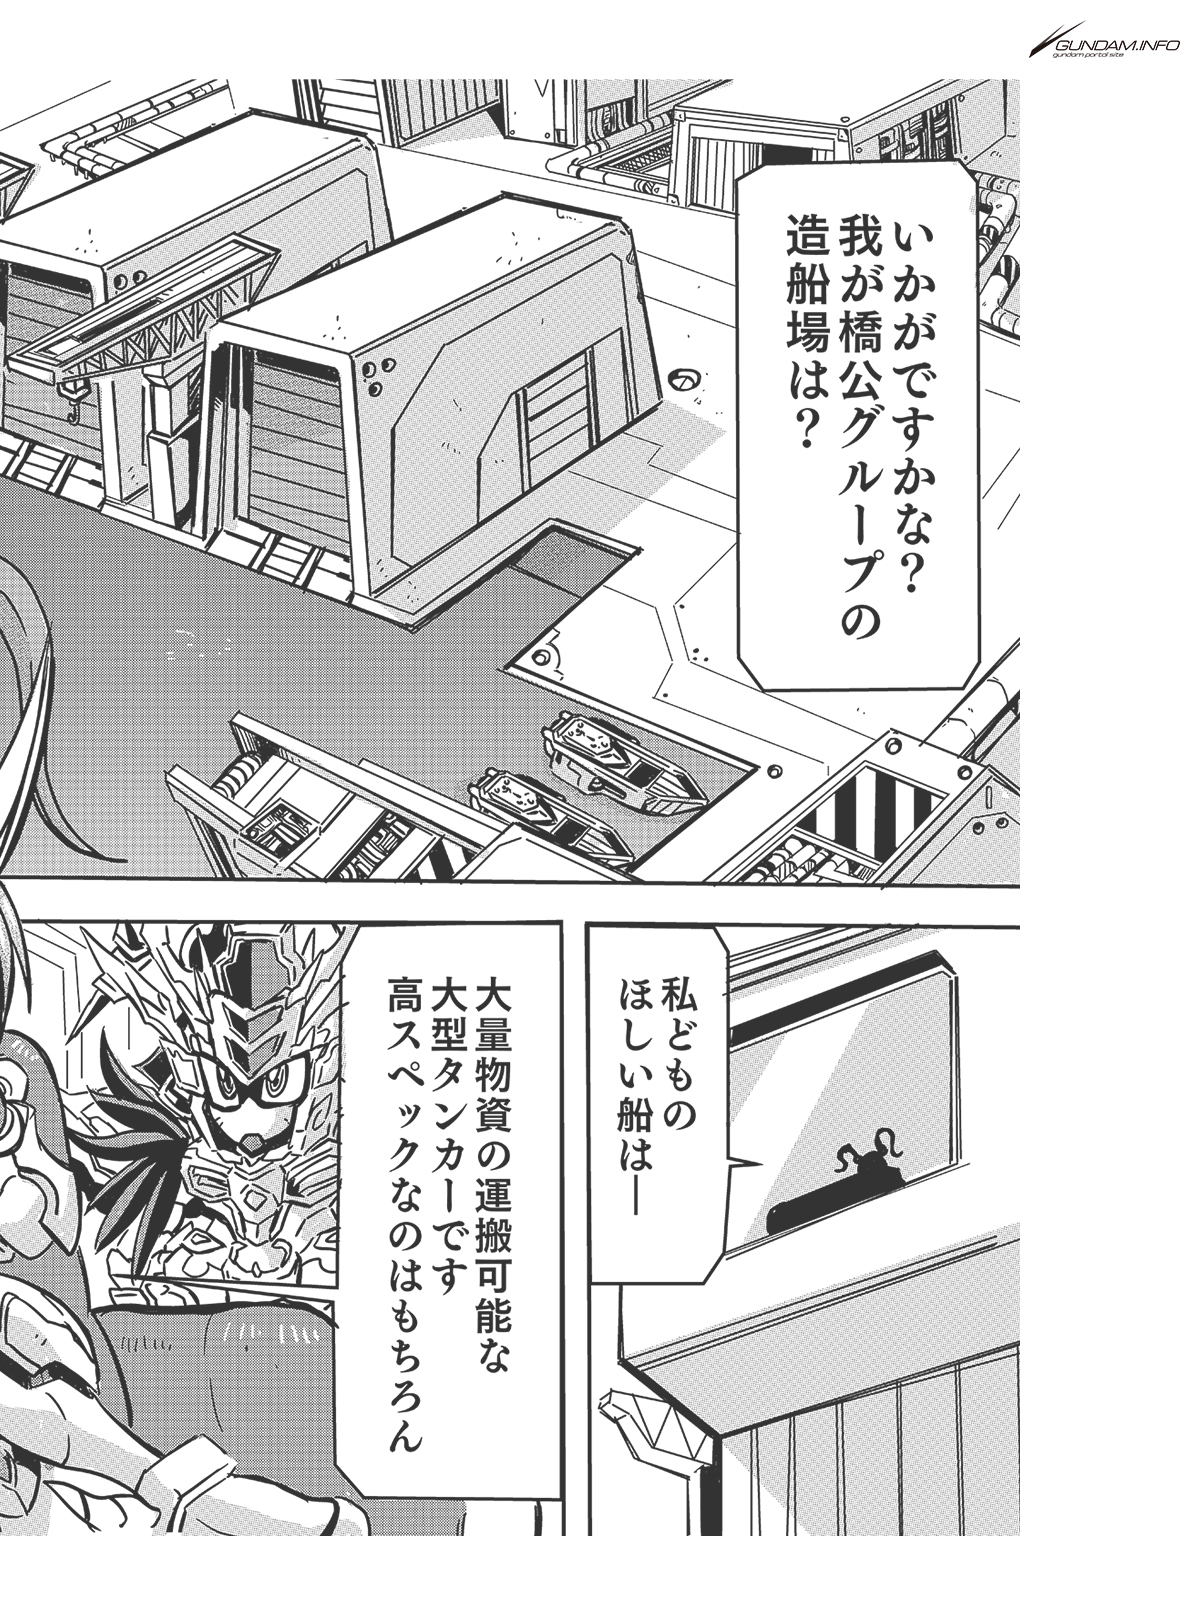 SDガンダムワールド 三国創傑伝 焔虎譚 第5話 P2